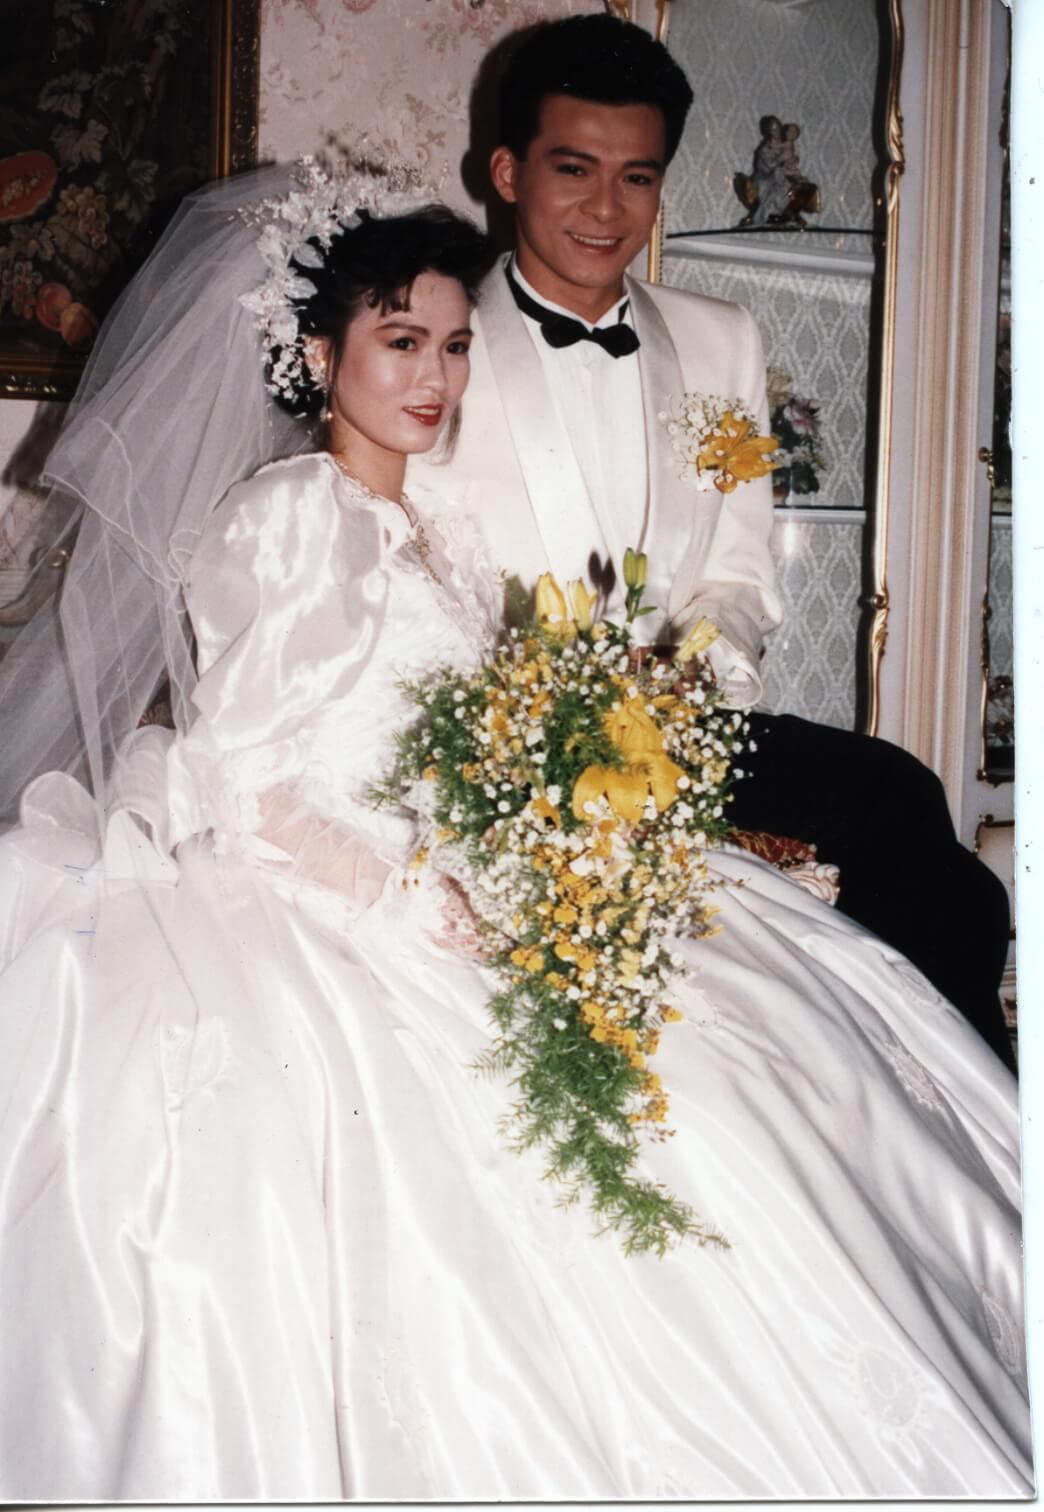 20200528 黃日華太太梁潔華2013年患上急性骨髓性白血病,曾接受化療及骨髓移植,但近年病情反覆,日前情况惡化入住醫院深切治療部,據悉由於器官衰竭,延至前日下午4時病逝,終年59歲。 梁潔華與黃日華於1988年結婚。 黃日華 梁潔華 mpn 18-11-88